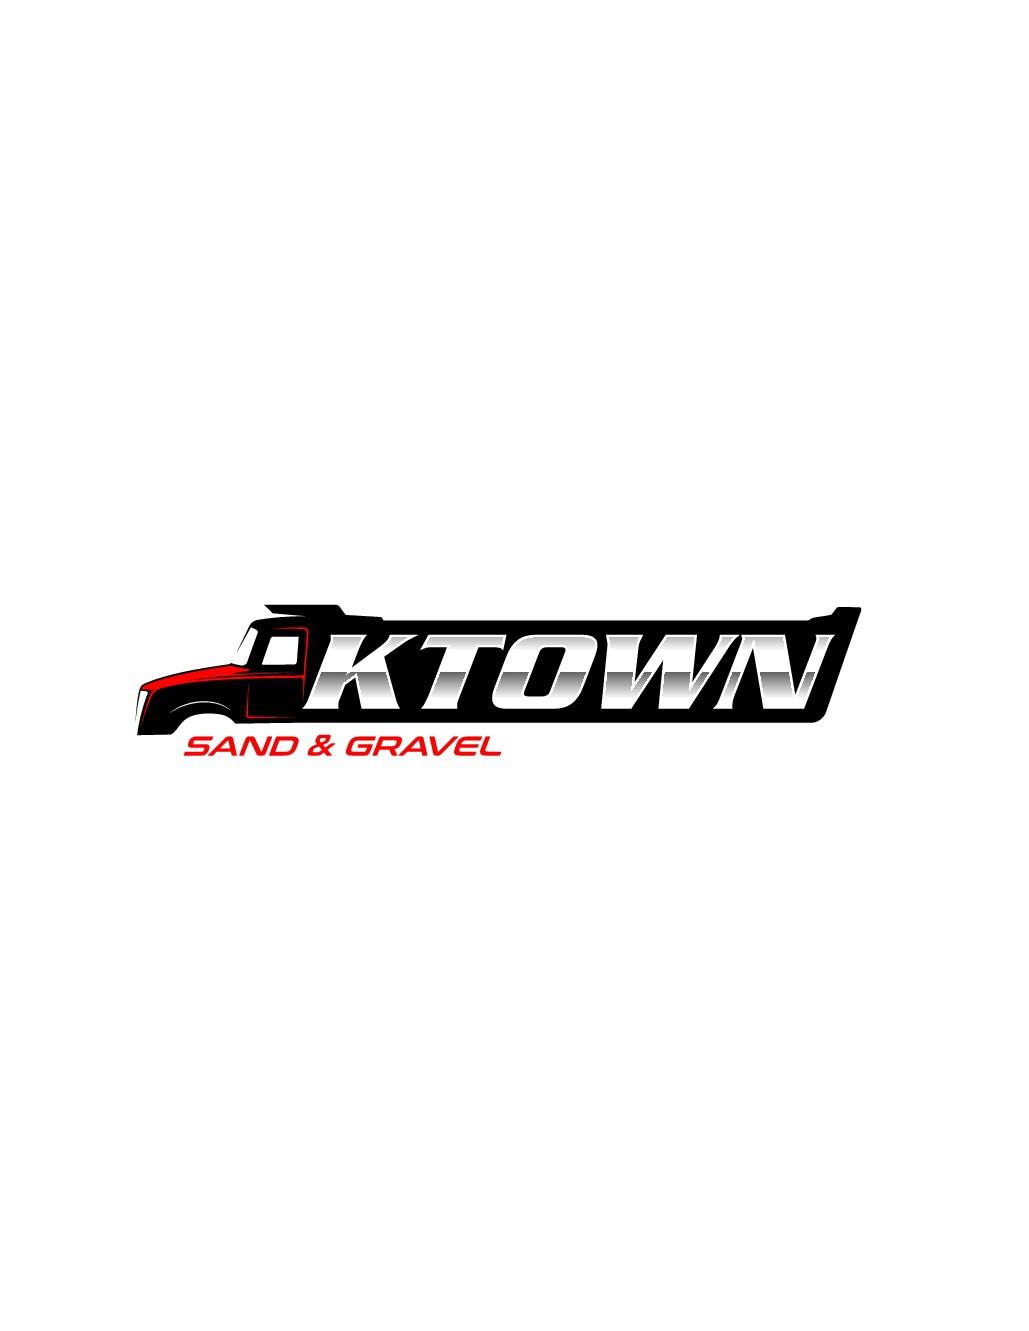 Ktown designs